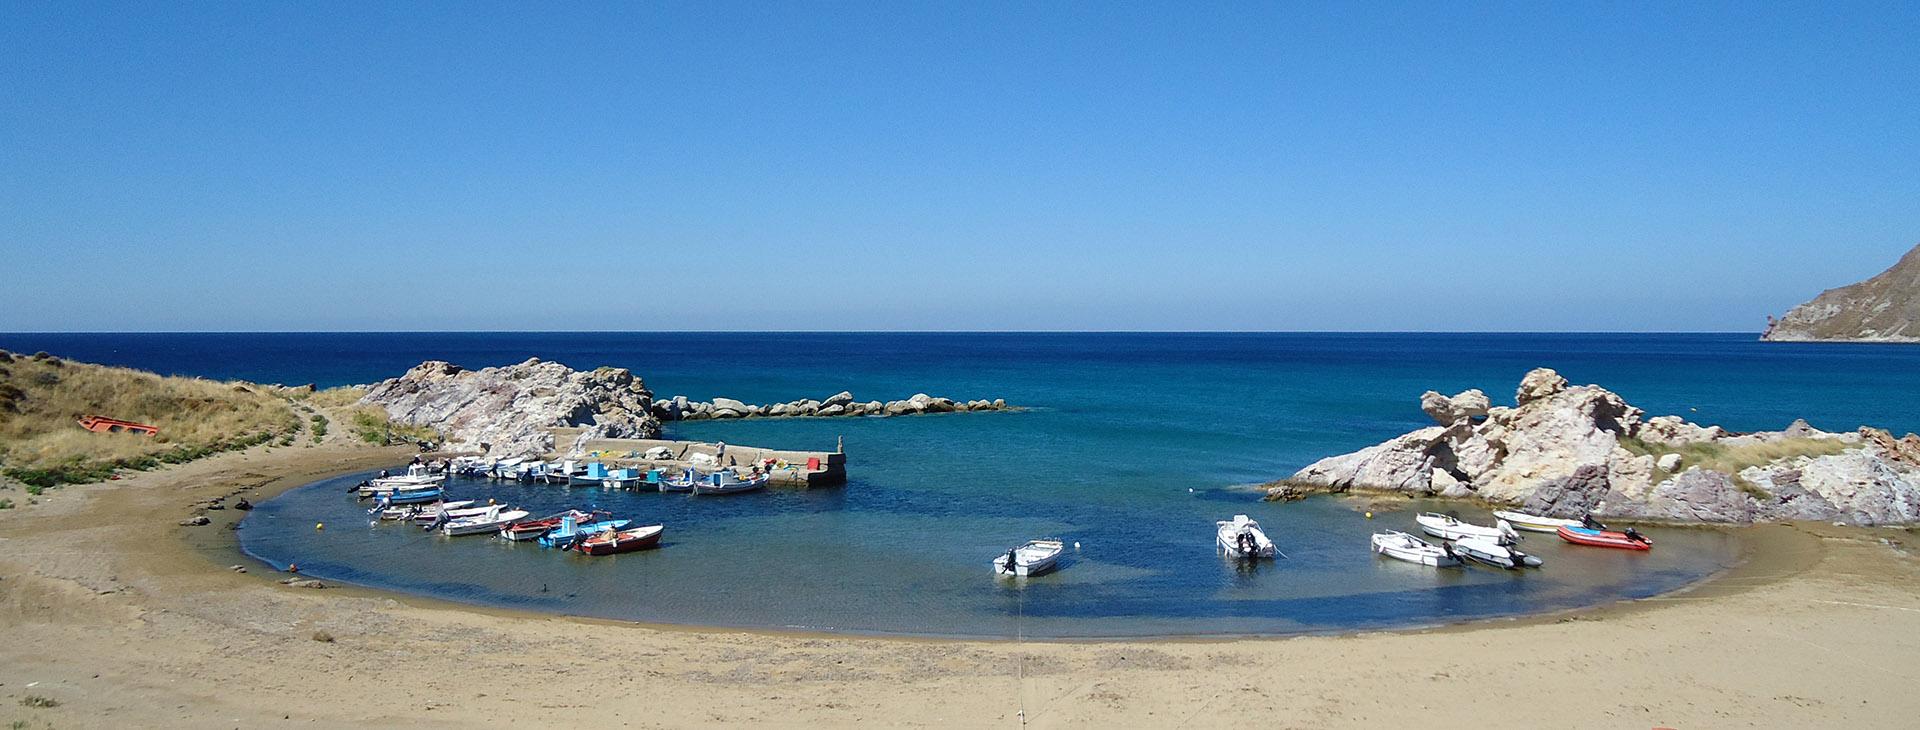 Agios Ioannis beach, Limnos island